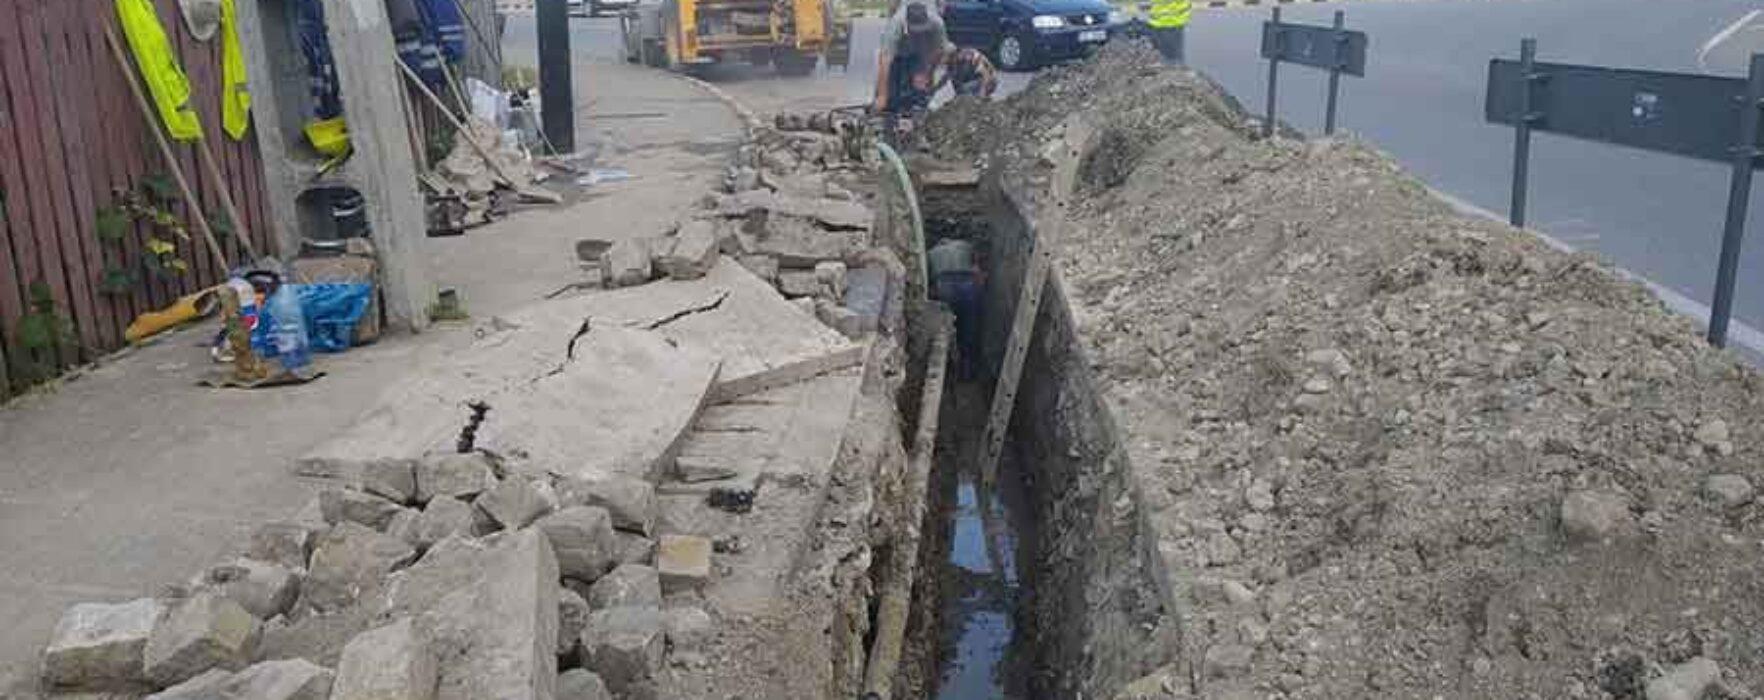 CATD: Avarie la reţeaua de apă din Moreni, sunt afectate mai multe străzi